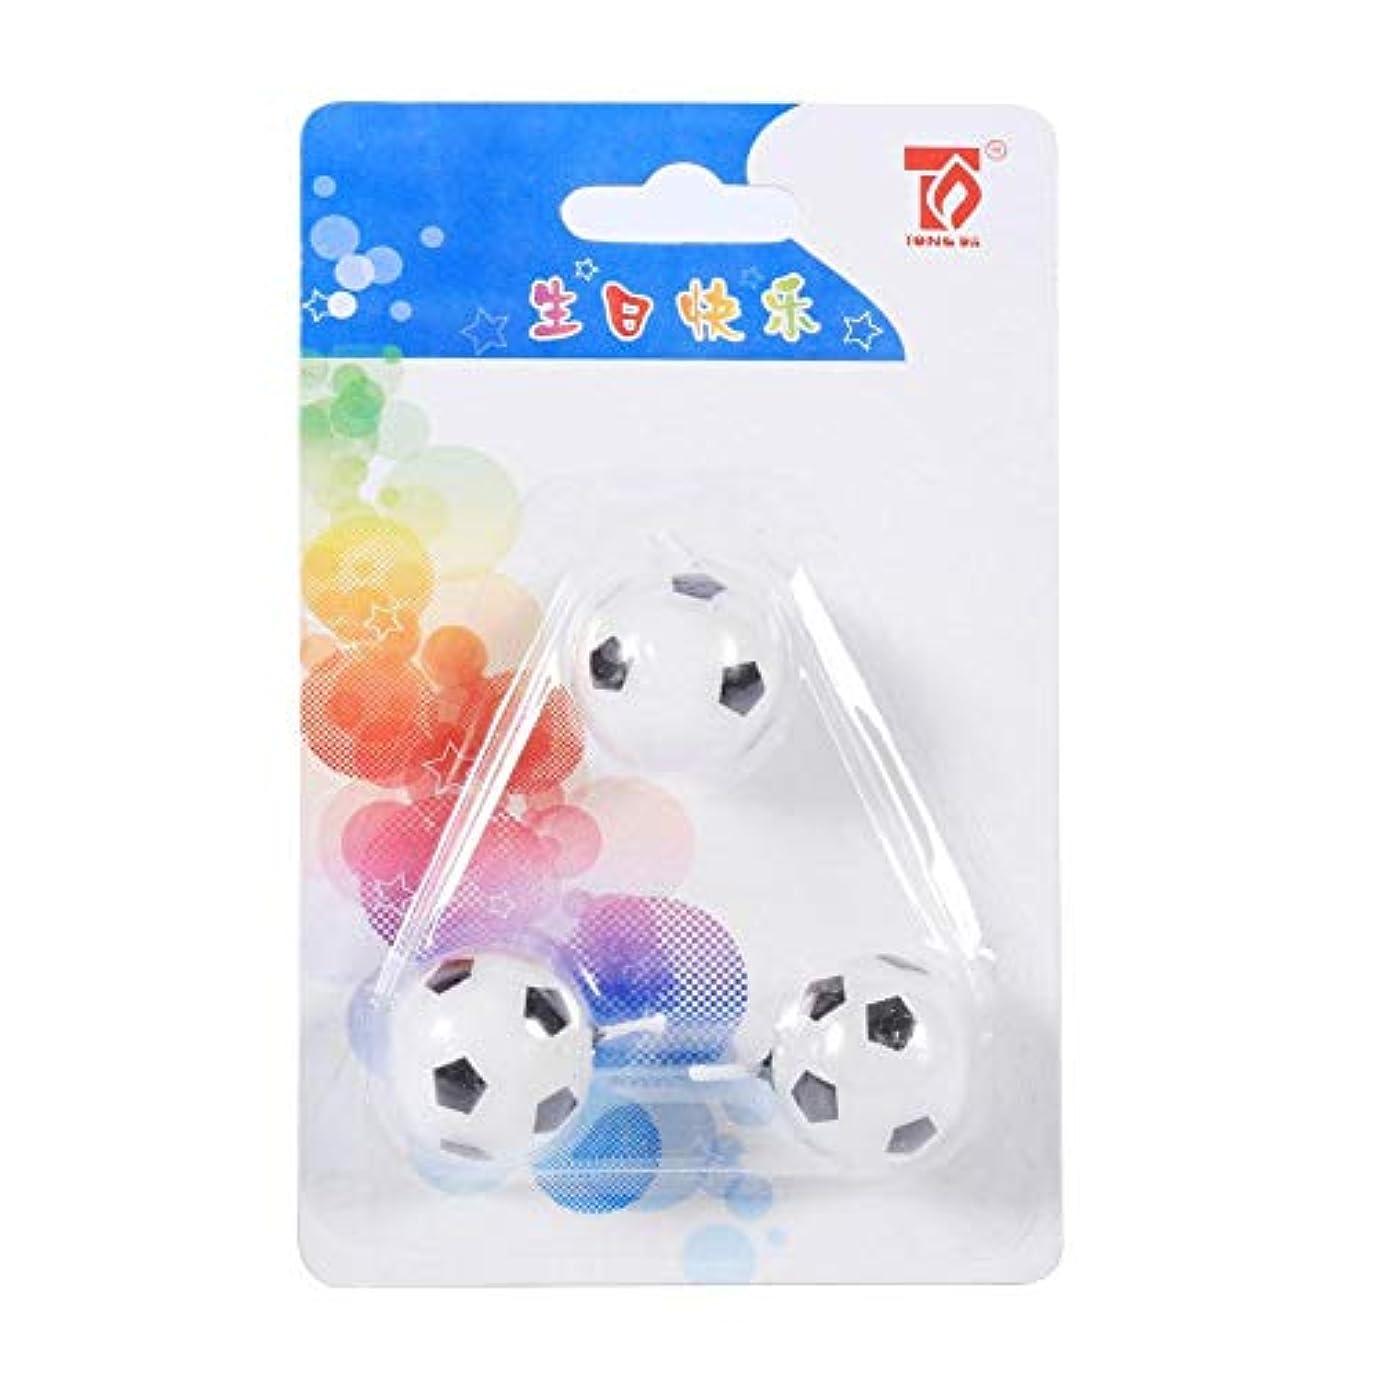 行政ナットチーターEboxer キャンドル サッカーボールキャンドル キャンドル誕生日 子供向 3個入 サッカーボールの形 誕生日 パーティケーキのキャンドル 飾り物 可愛い